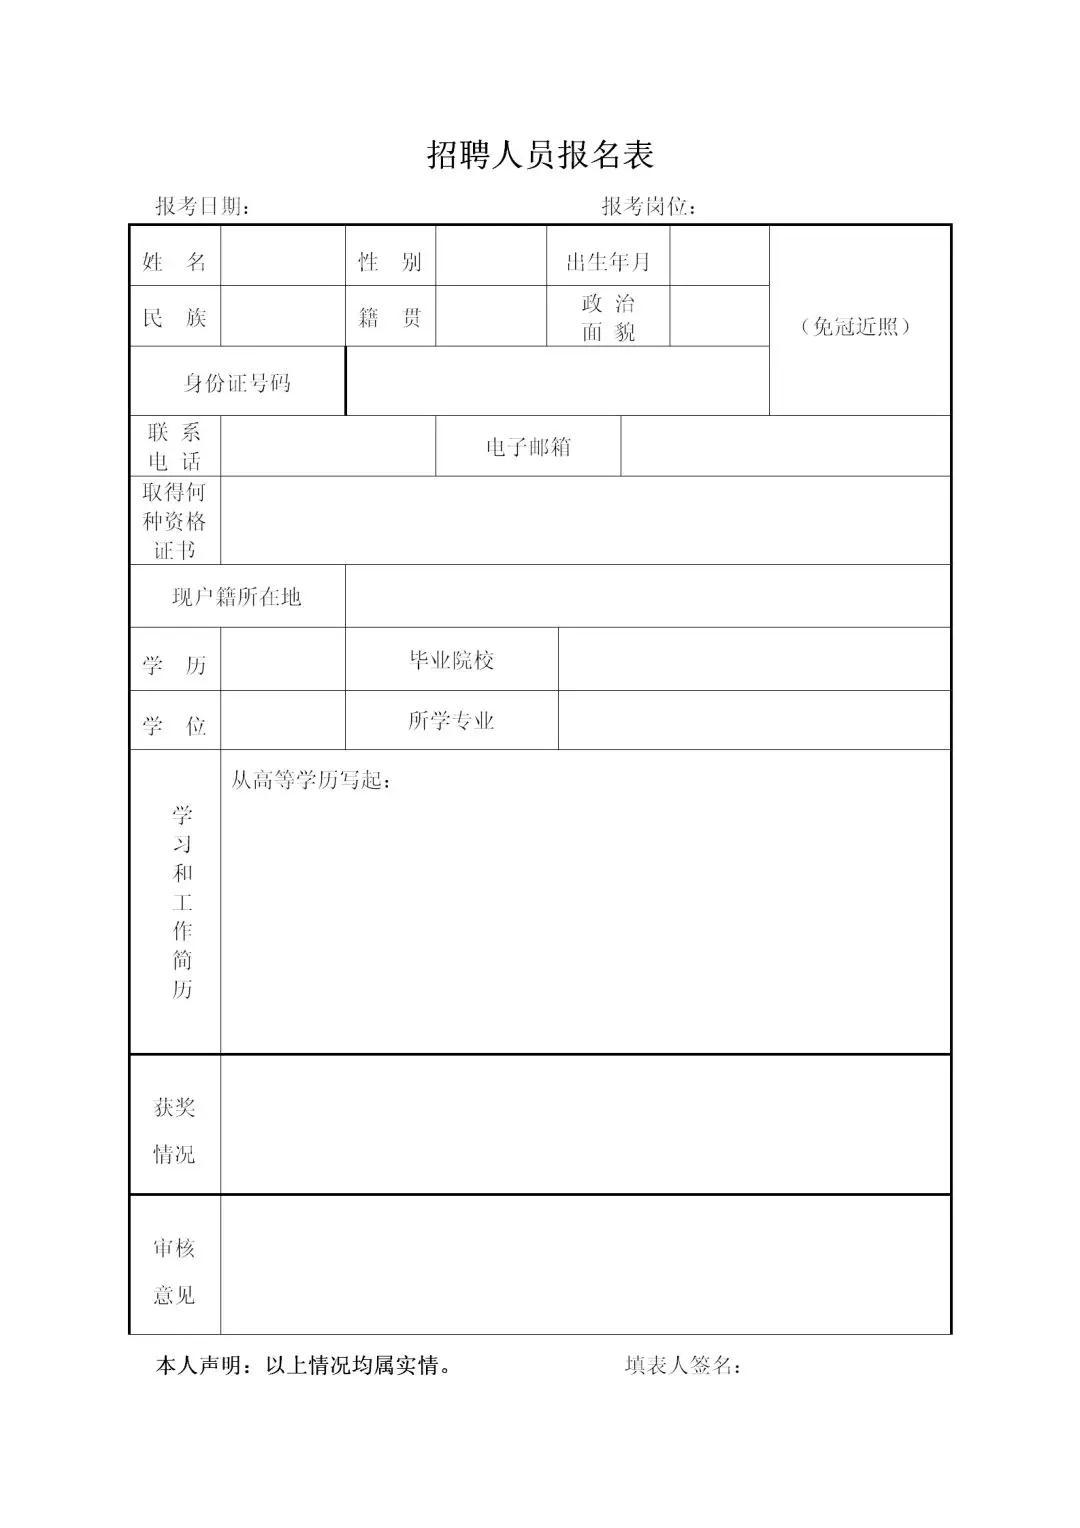 中国银行股份有限公司内蒙古分行报名表